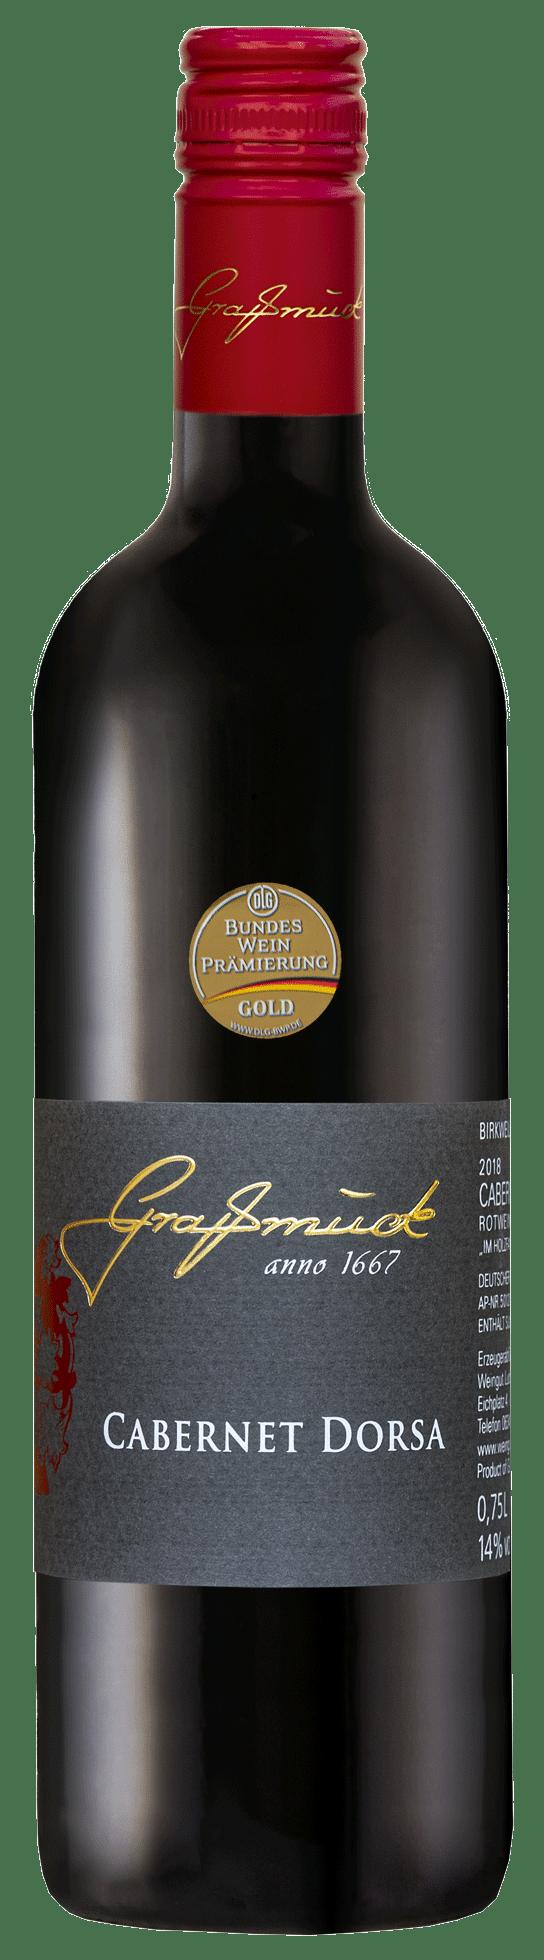 Weingut Ludwig Graßmück, Simon Graßmück, Cabernet-Dorsa-20 mit Auszeichnung